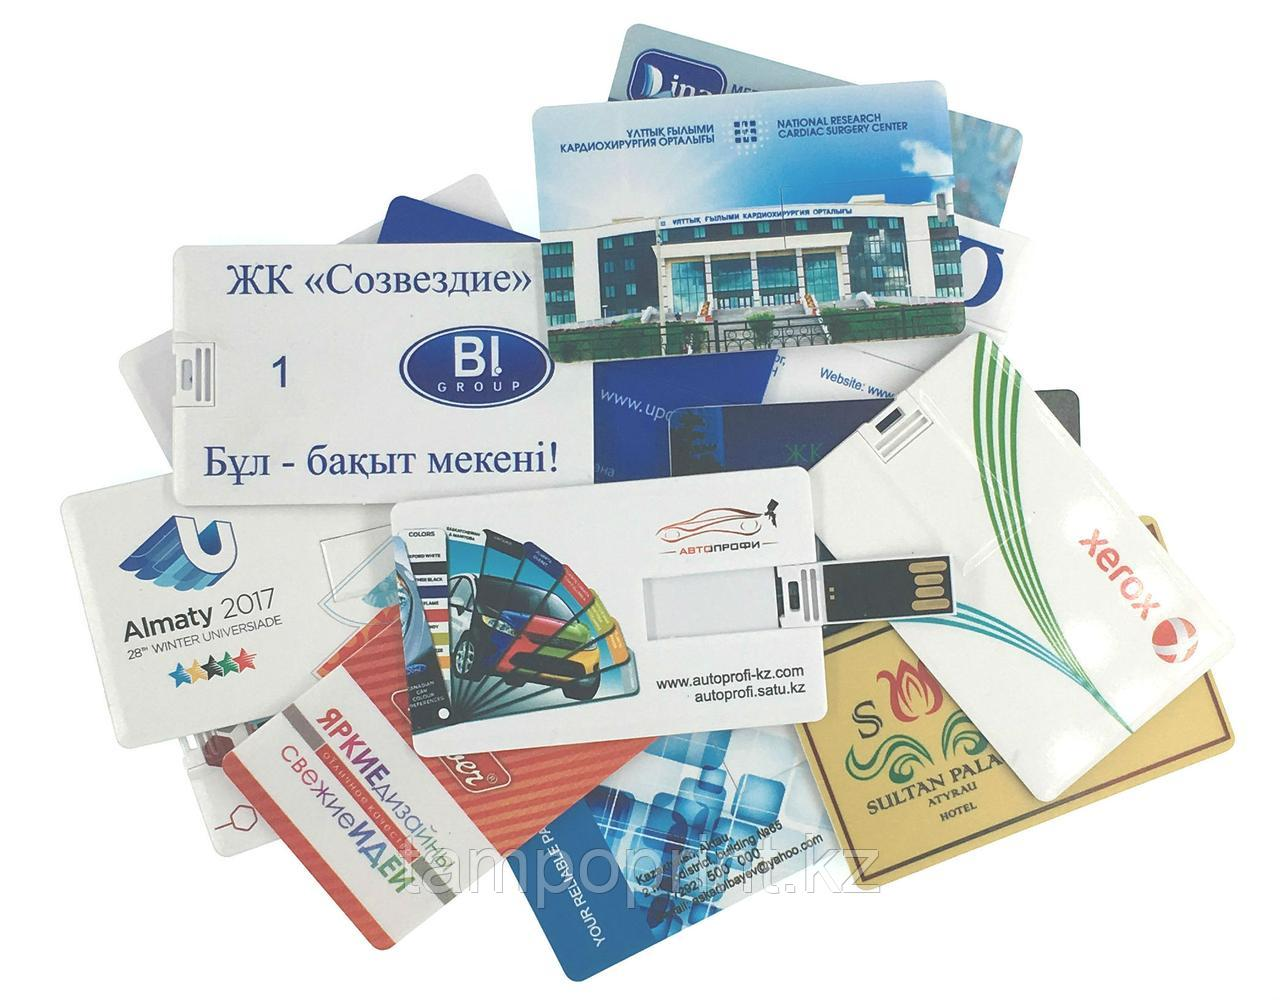 Флешка визитка 32 гб. Бесплатная доставка по Казахстану.